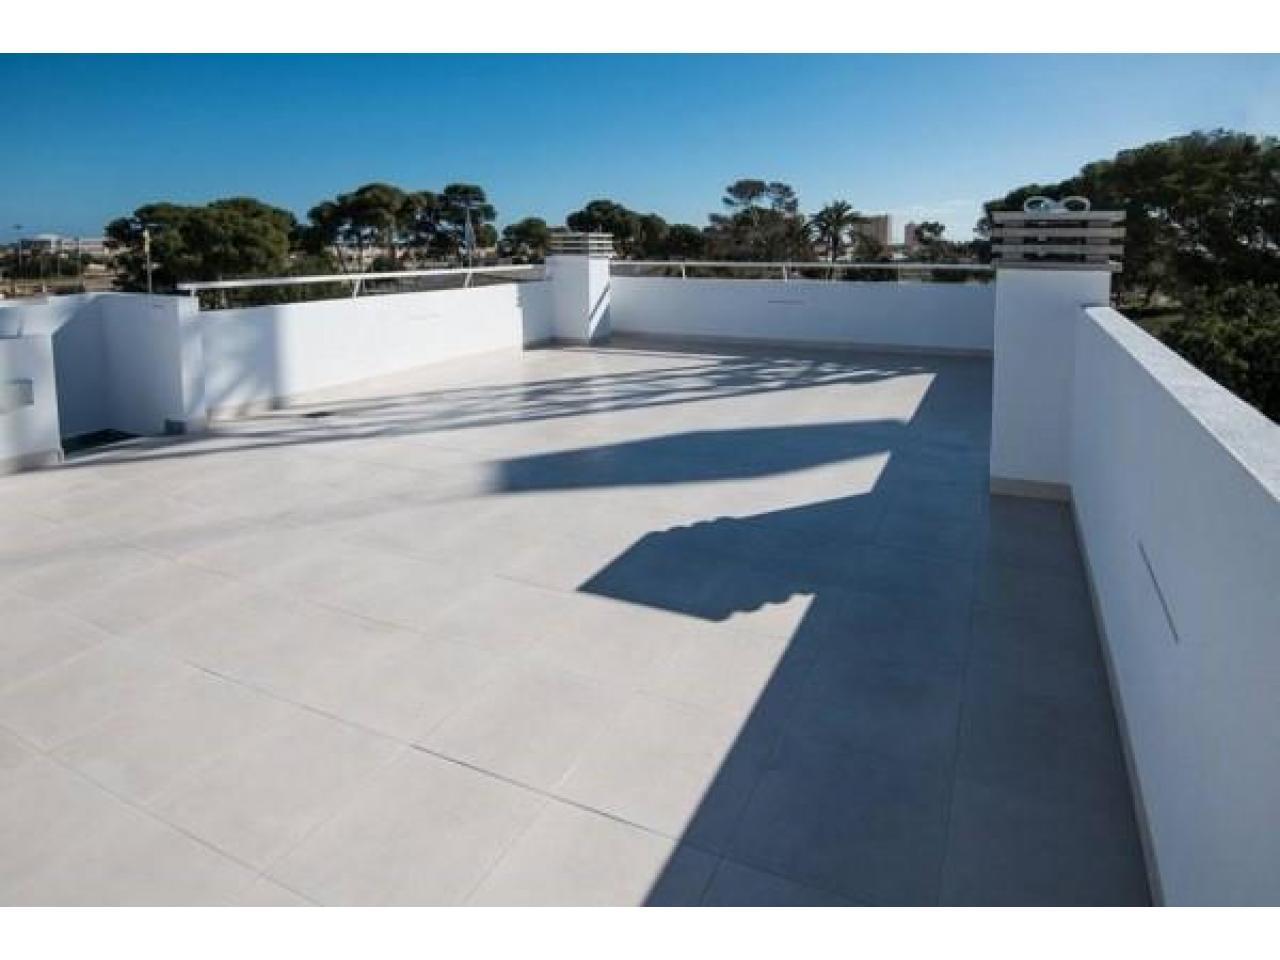 Недвижимость в Испании, Новая вилла рядом с пляжем от застройщика в Сан-Хавьер - 10